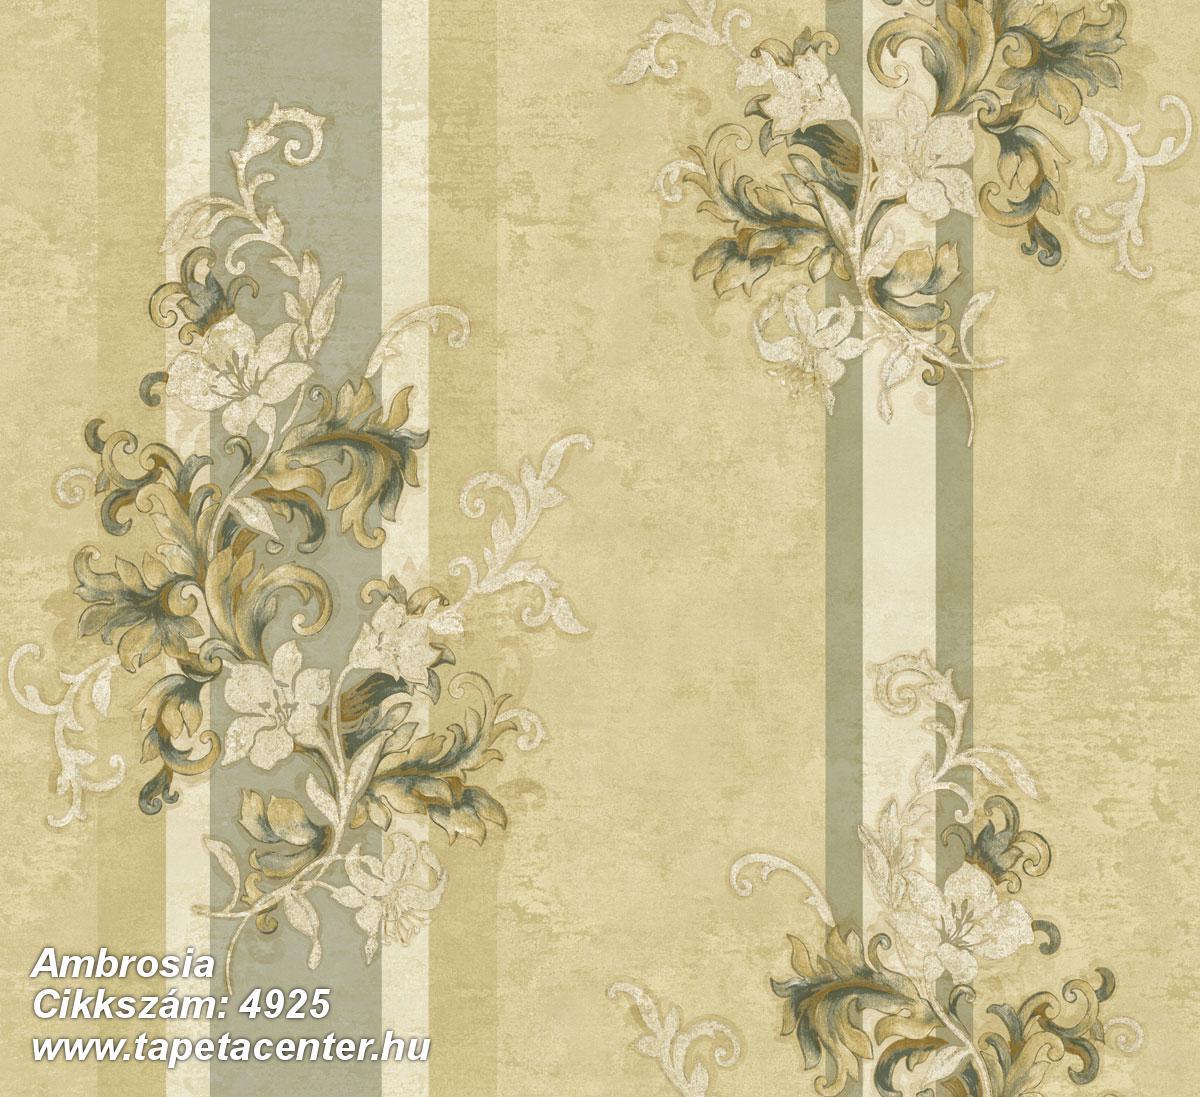 Barokk-klasszikus,csíkos,természeti mintás,textil hatású,virágmintás,arany,bézs-drapp,zöld,súrolható,vlies tapéta